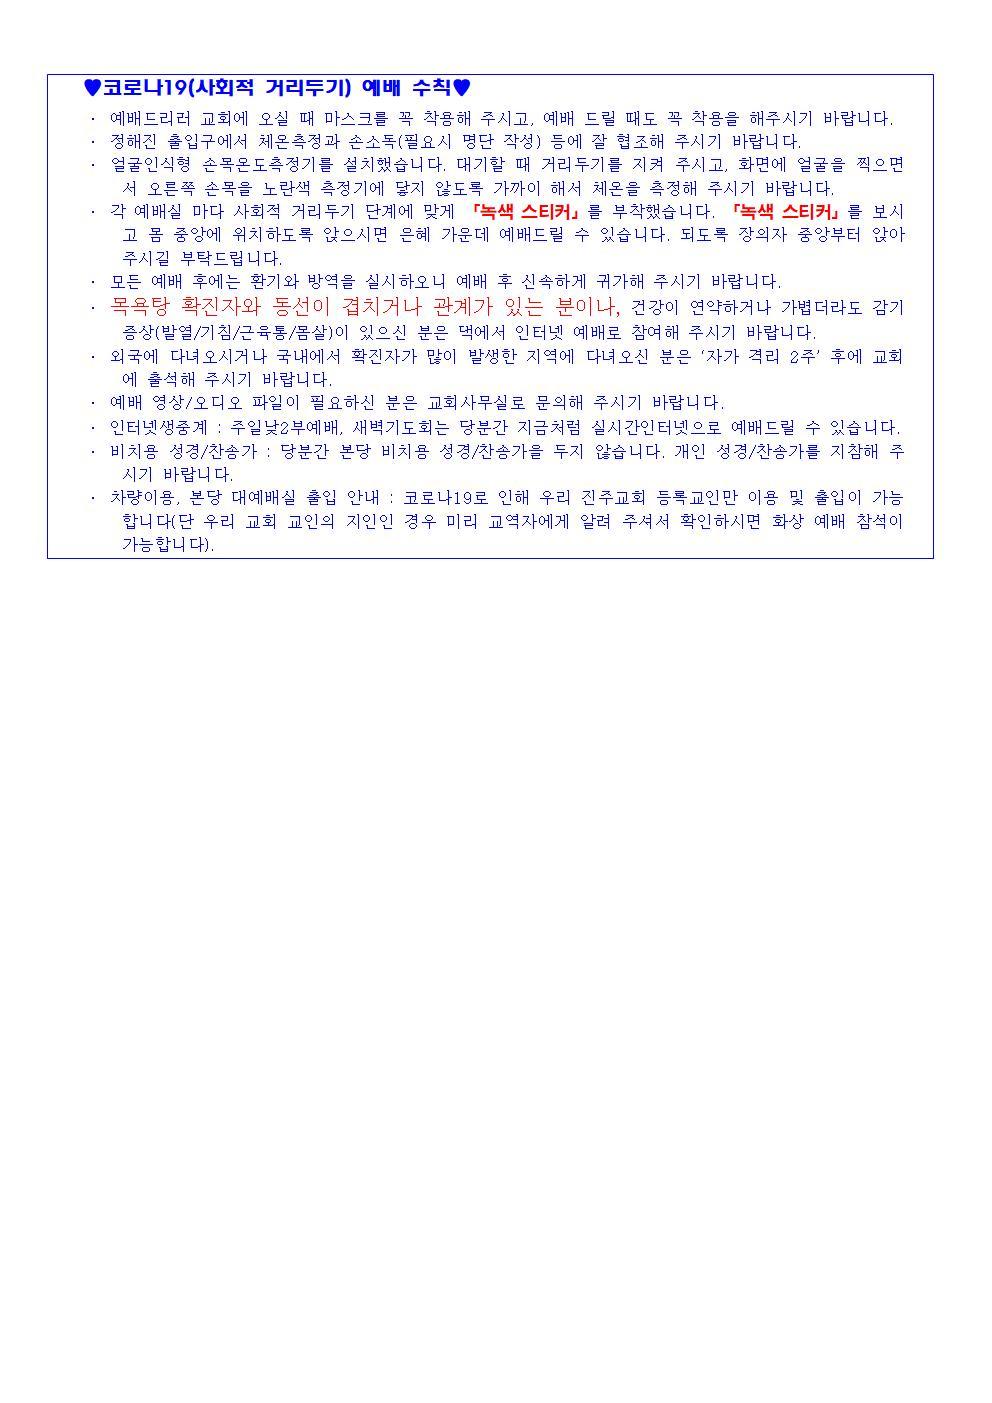 2021년 3월 21일 교회소식002.jpg